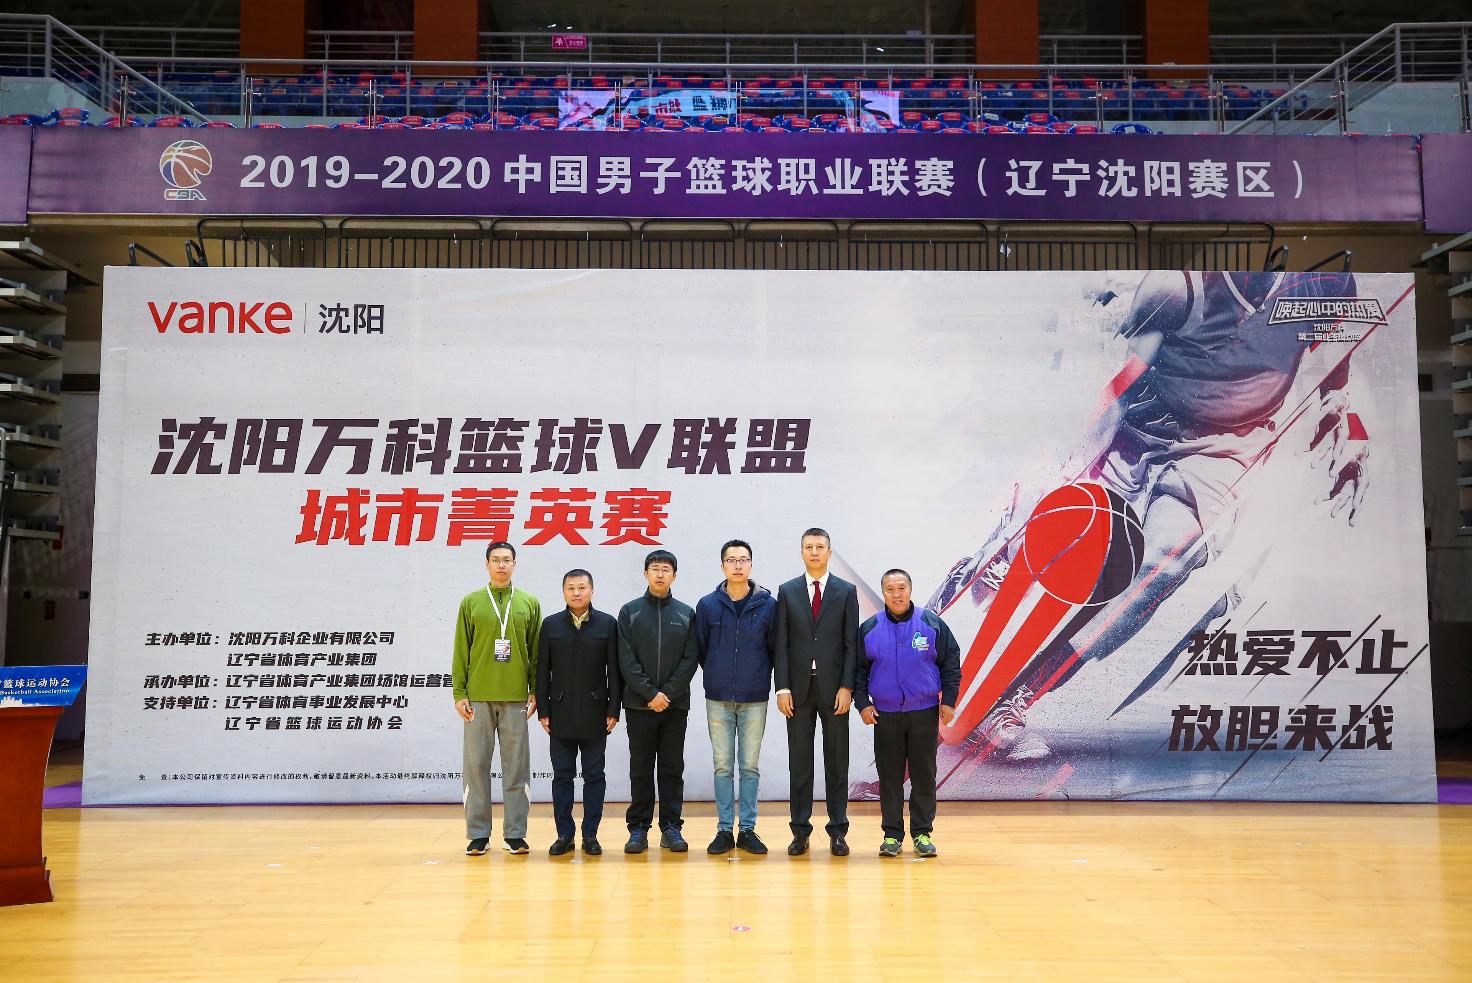 熱愛不止,放膽來戰,萬科打樣新體驗社群服務模式  ——2020瀋陽萬科籃球V聯盟城市菁英賽正式打響-中國網地産